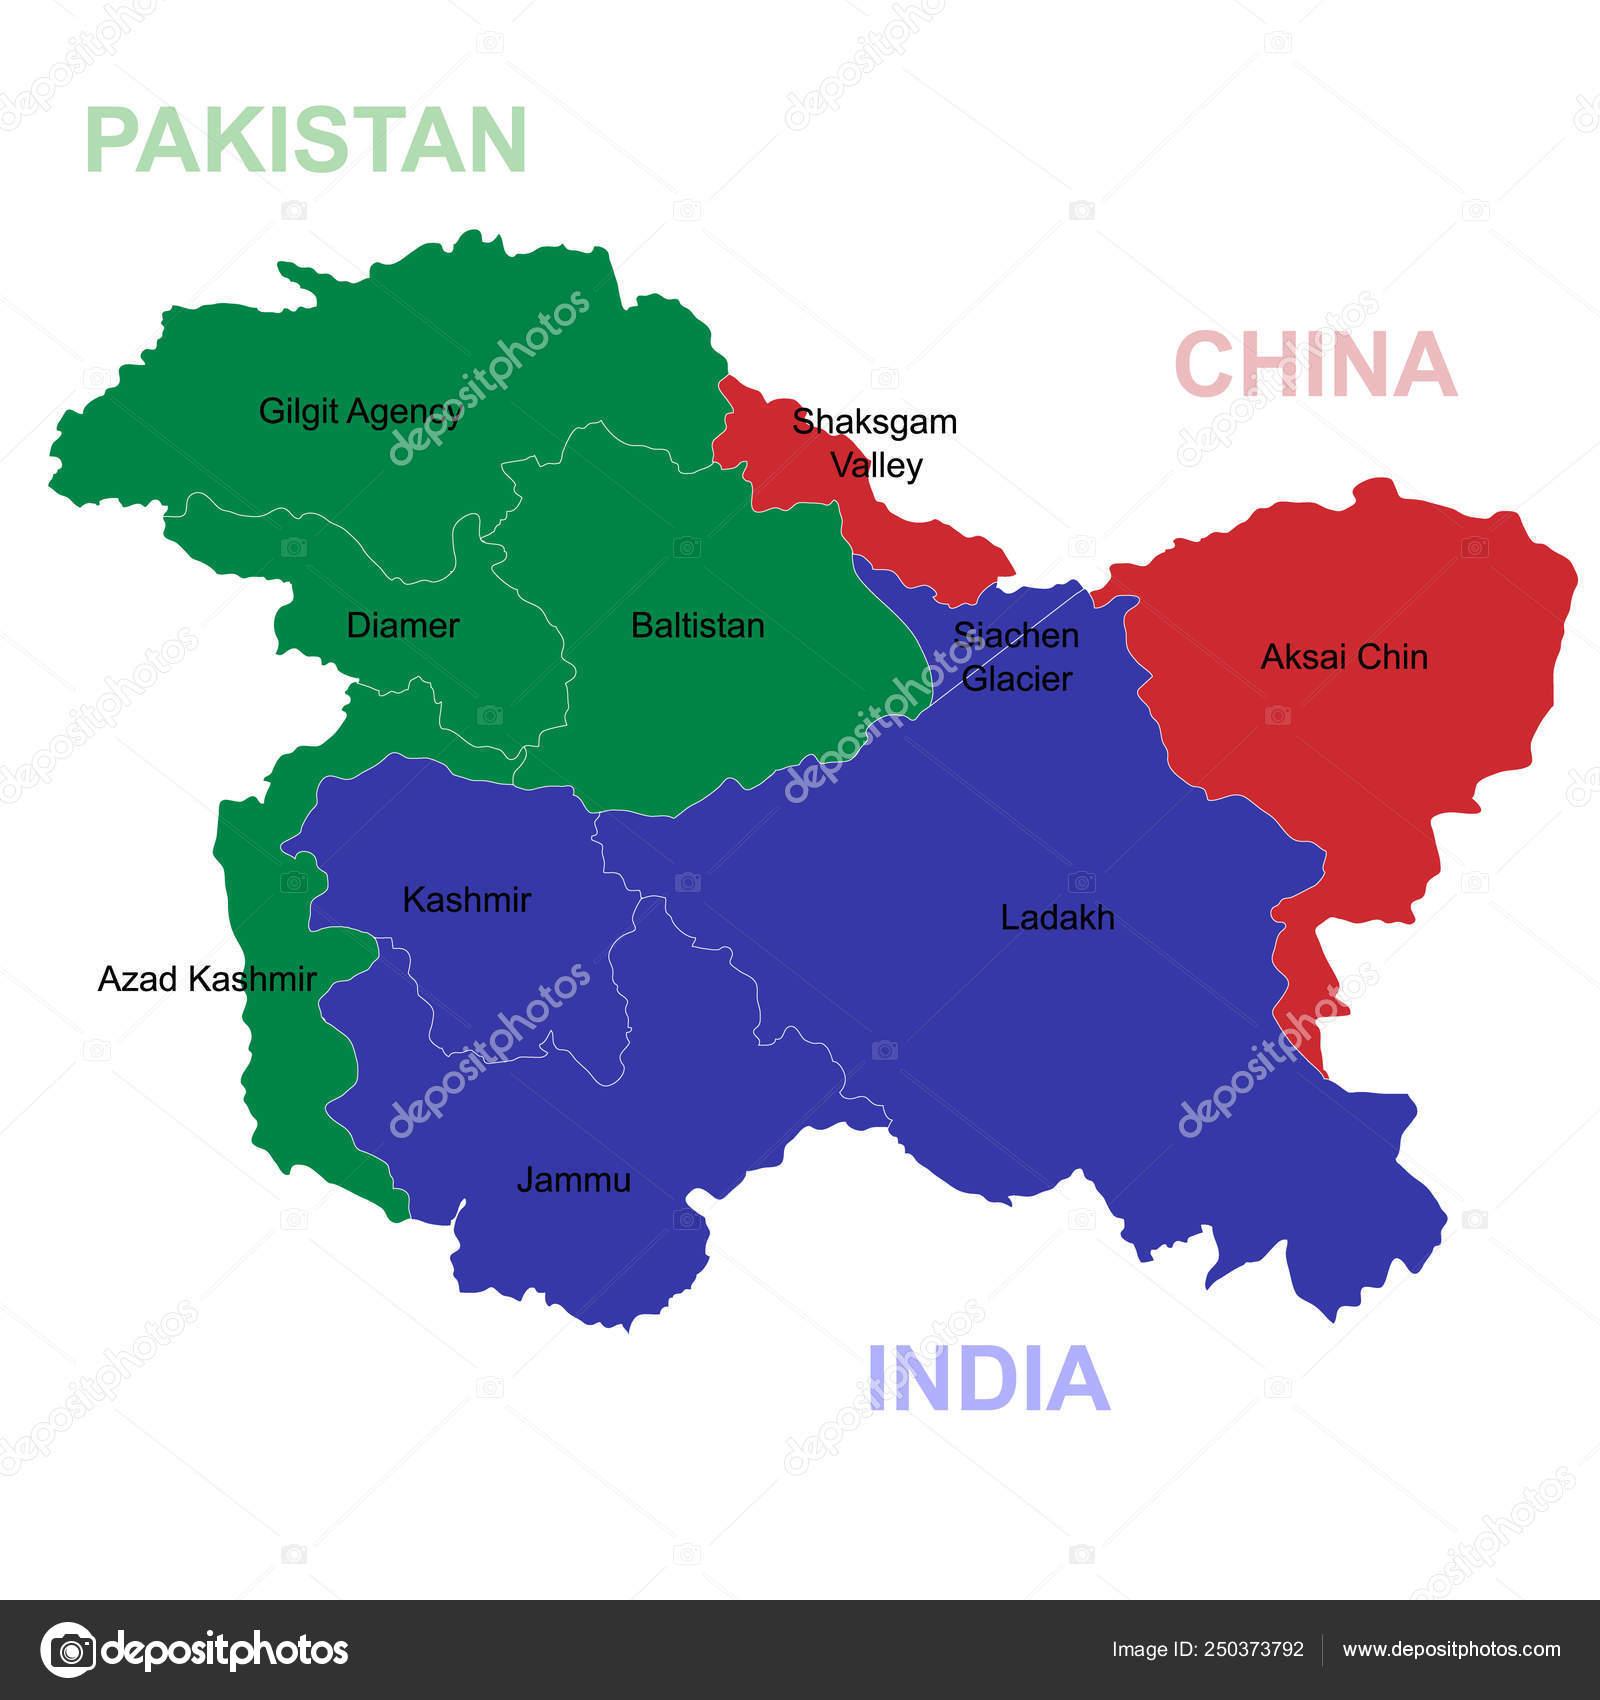 Map of Kashmir is a geographical region — Stock Vector ... Kashmir World Map on aksai chin, kashmir conflict, pune world map, kashmir valley, kathmandu world map, azad kashmir, rwanda world map, thank you world map, surat world map, uttar pradesh world map, sumatra world map, kanpur world map, punjab world map, jammu on world map, nagpur world map, ladakh trekking map, patna world map, indus river, golan heights world map, jammu and kashmir, kashmiri people, rome world map, tibet world map, ahmedabad world map, western sahara world map, urdu world map, calcutta world map,